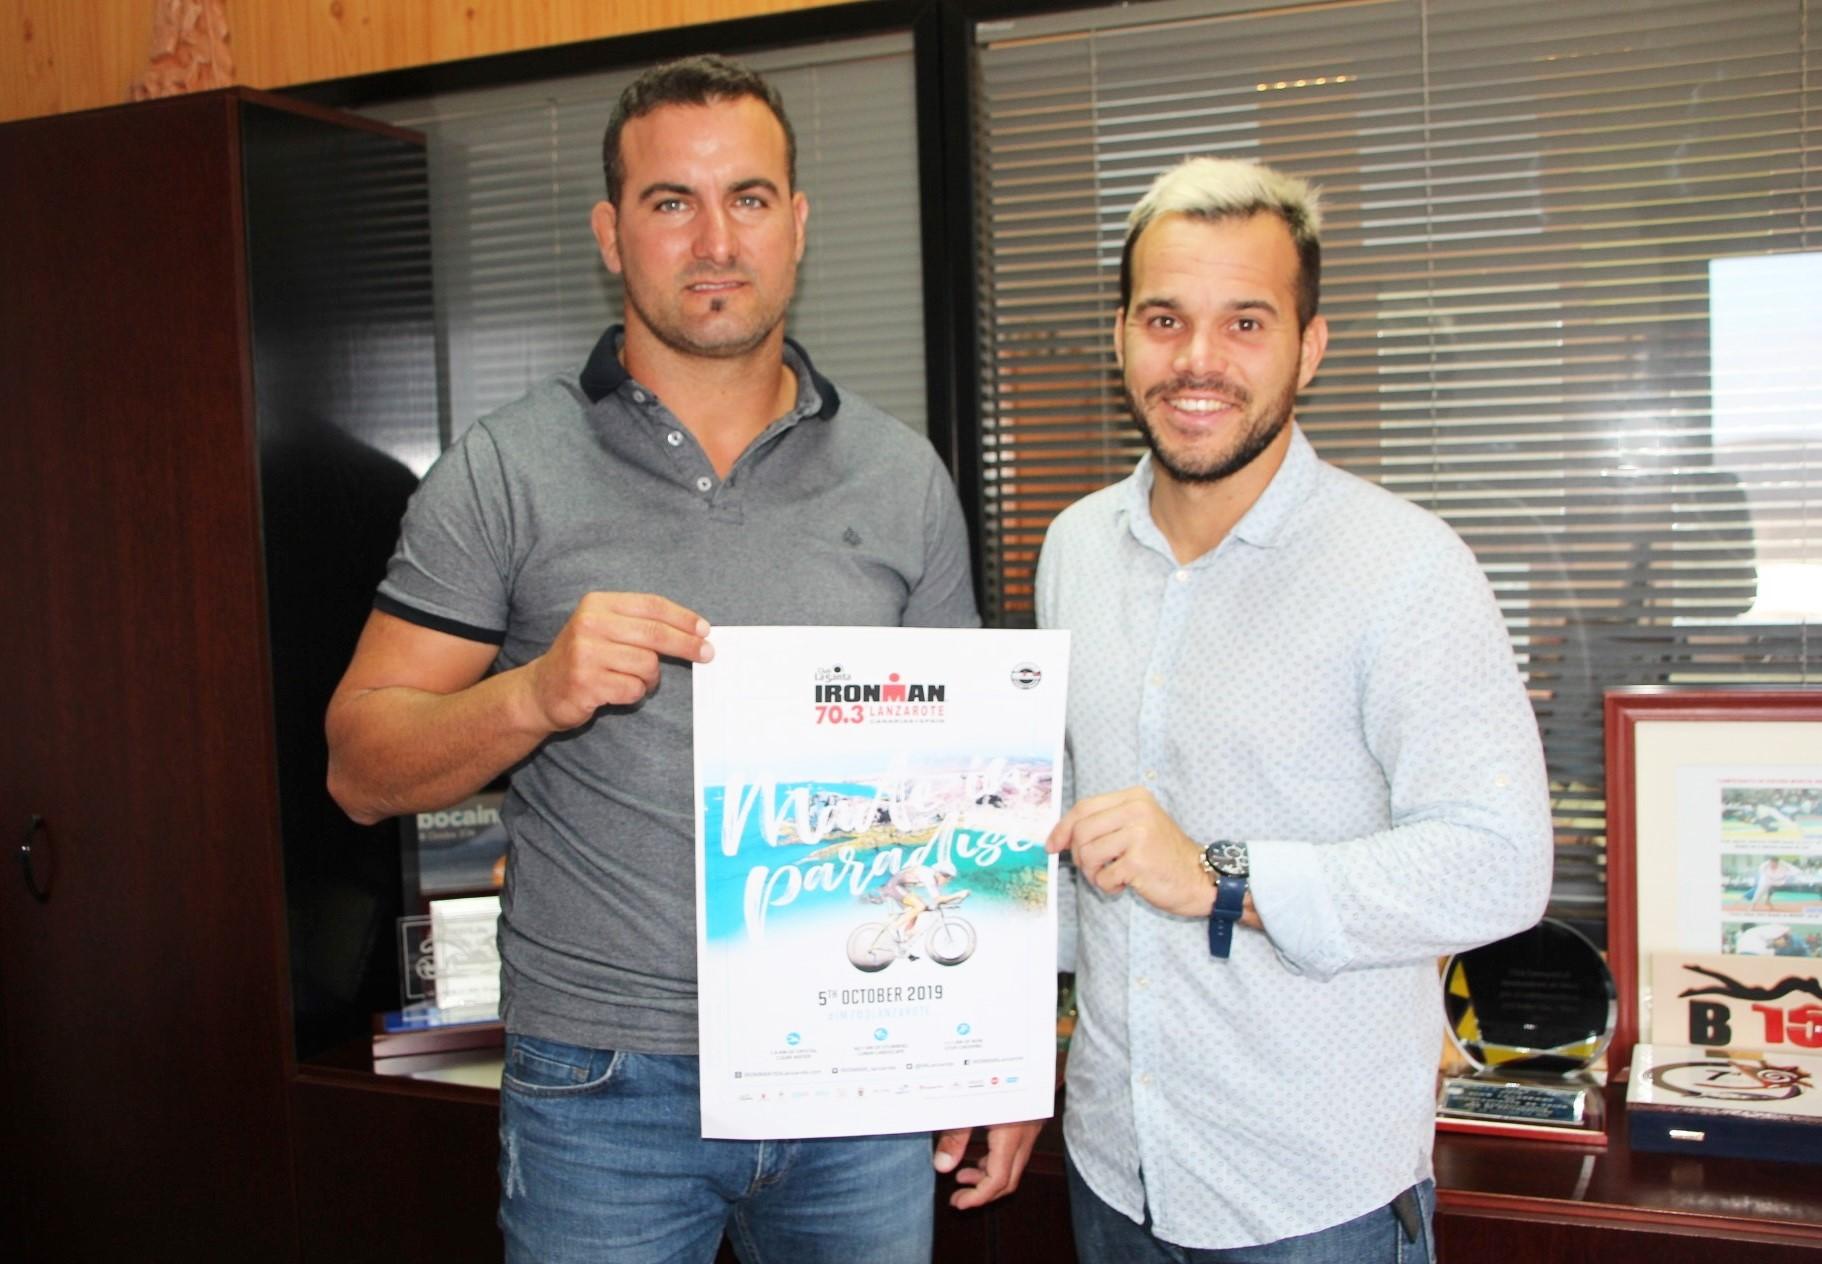 Yaiza y Club La Santa ultiman el Ironman 70.3 del 5 de octubre en Playa Blanca